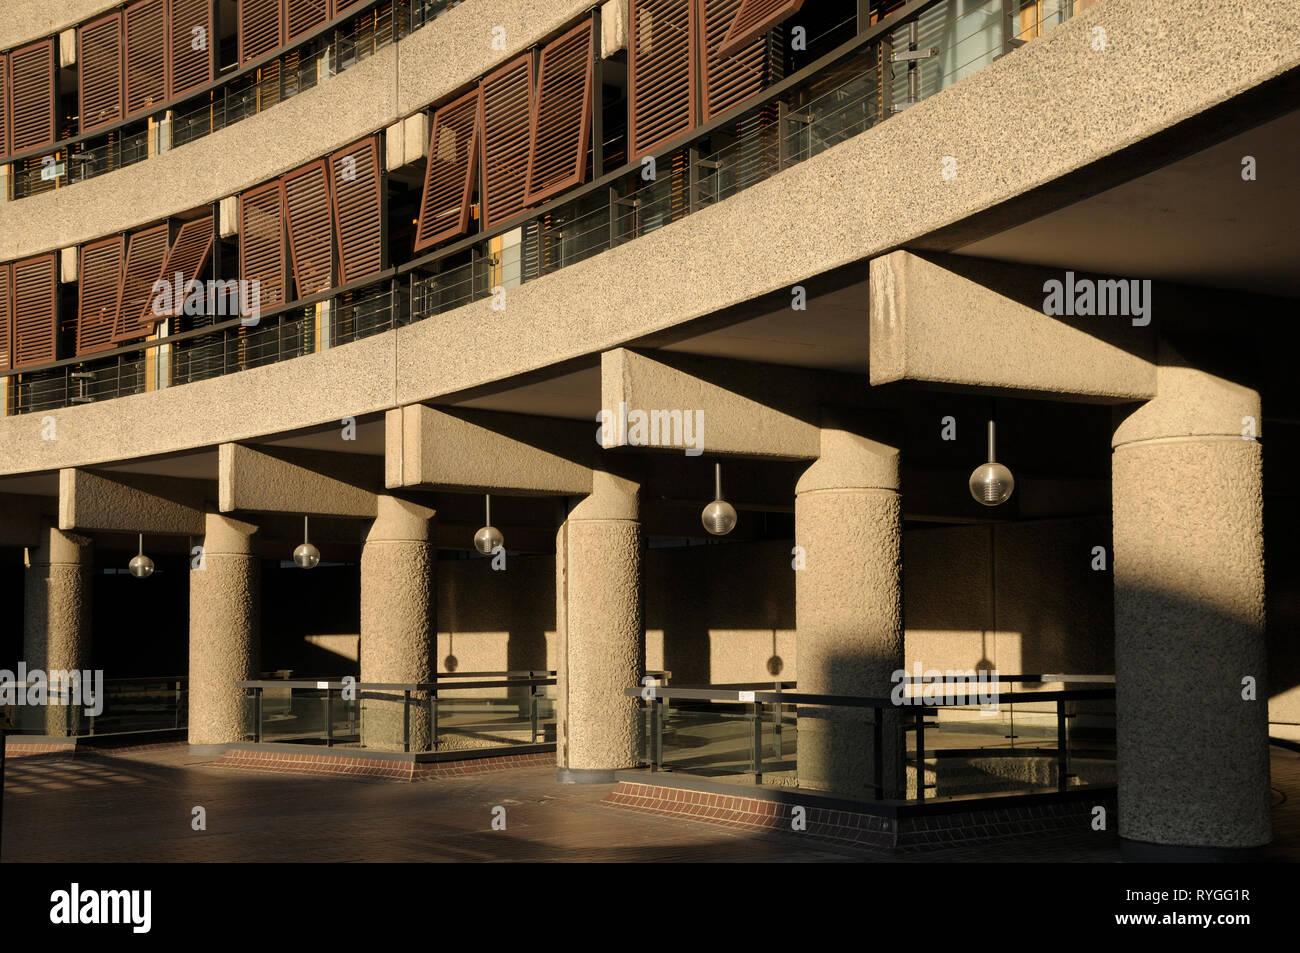 Détail architectural montrant le disque les lignes et les courbes de l'architecture brutaliste, Barbican Estate, London EC2, England, UK Photo Stock